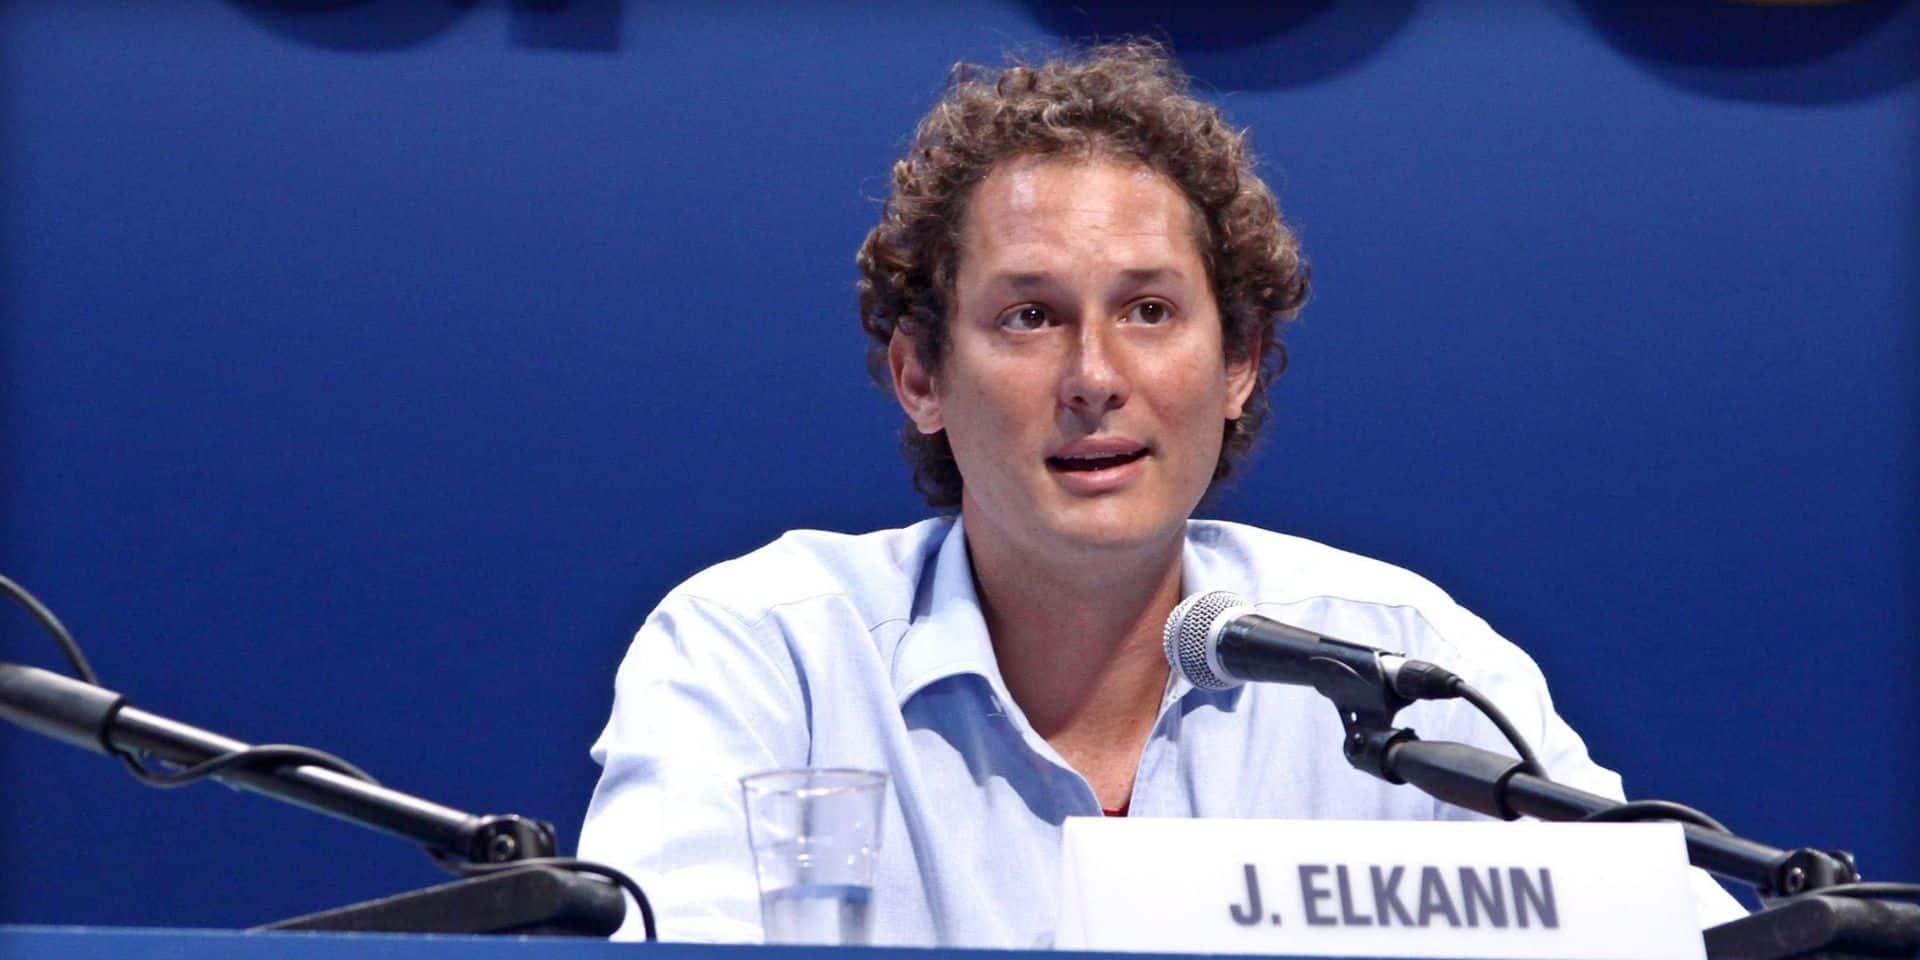 John Elkann, l'héritier discret et patron de Fiat qui a claqué la porte à deux reprises du groupe français PSA